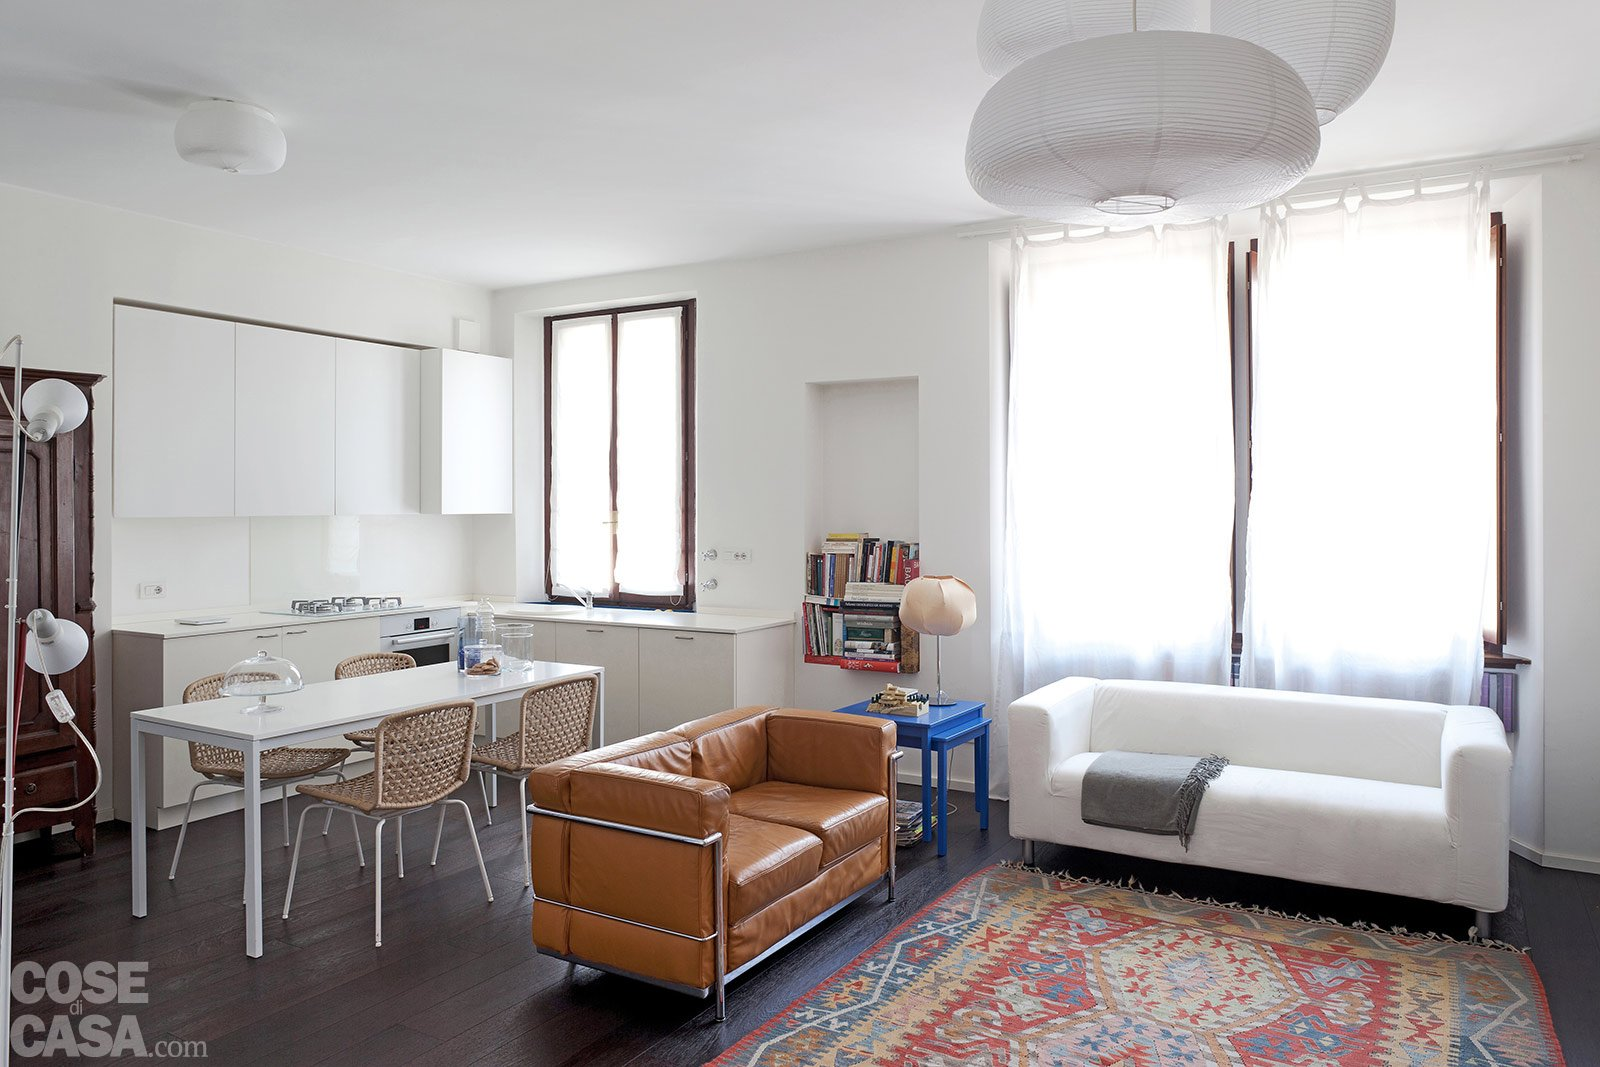 70 mq la casa migliora cos cose di casa - Arredare monolocale ikea ...